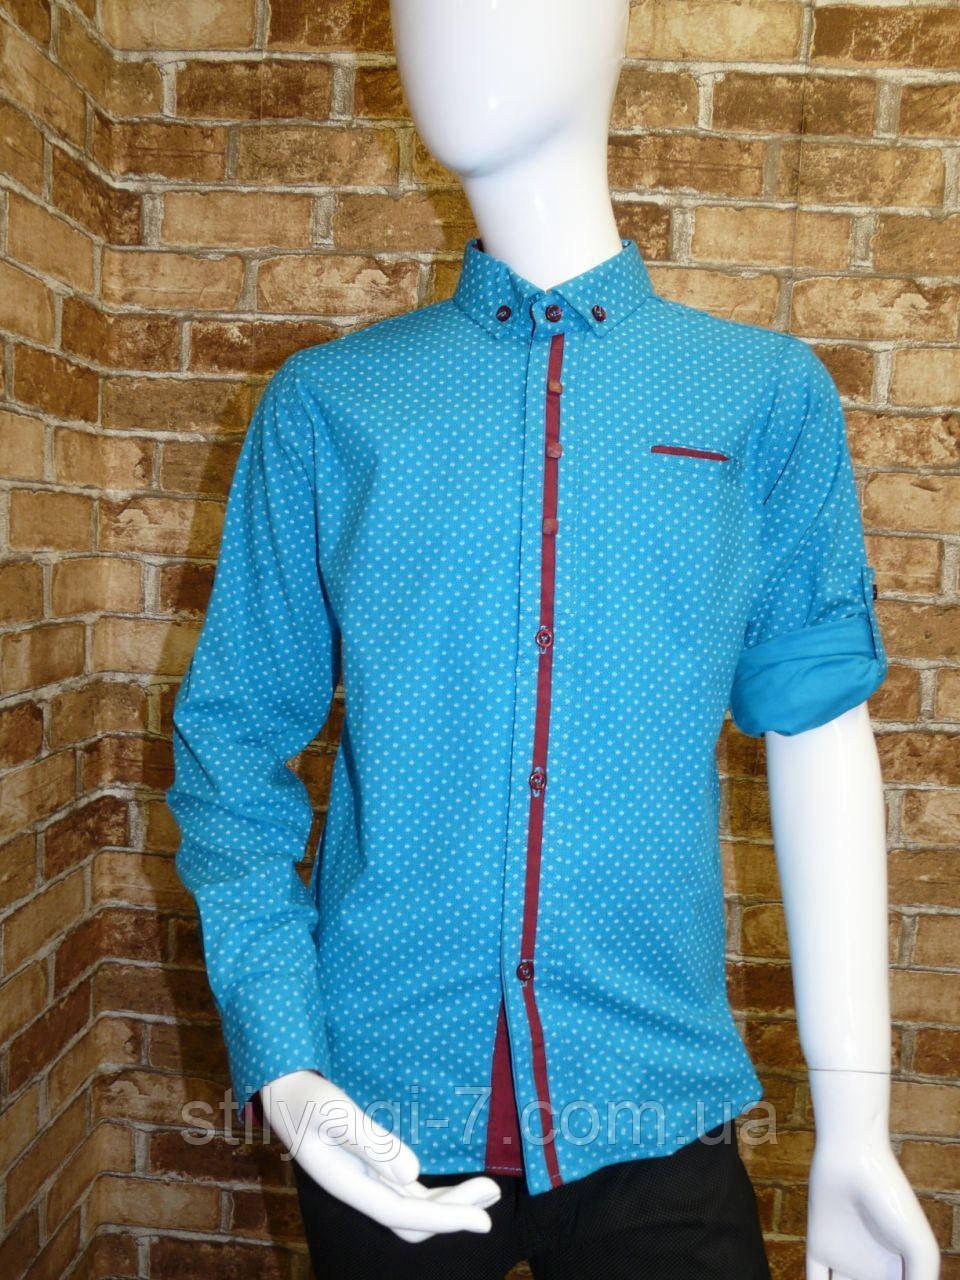 Рубашка на мальчика 12-16 лет голубого цвета с окантовкой с длинным рукавом оптом